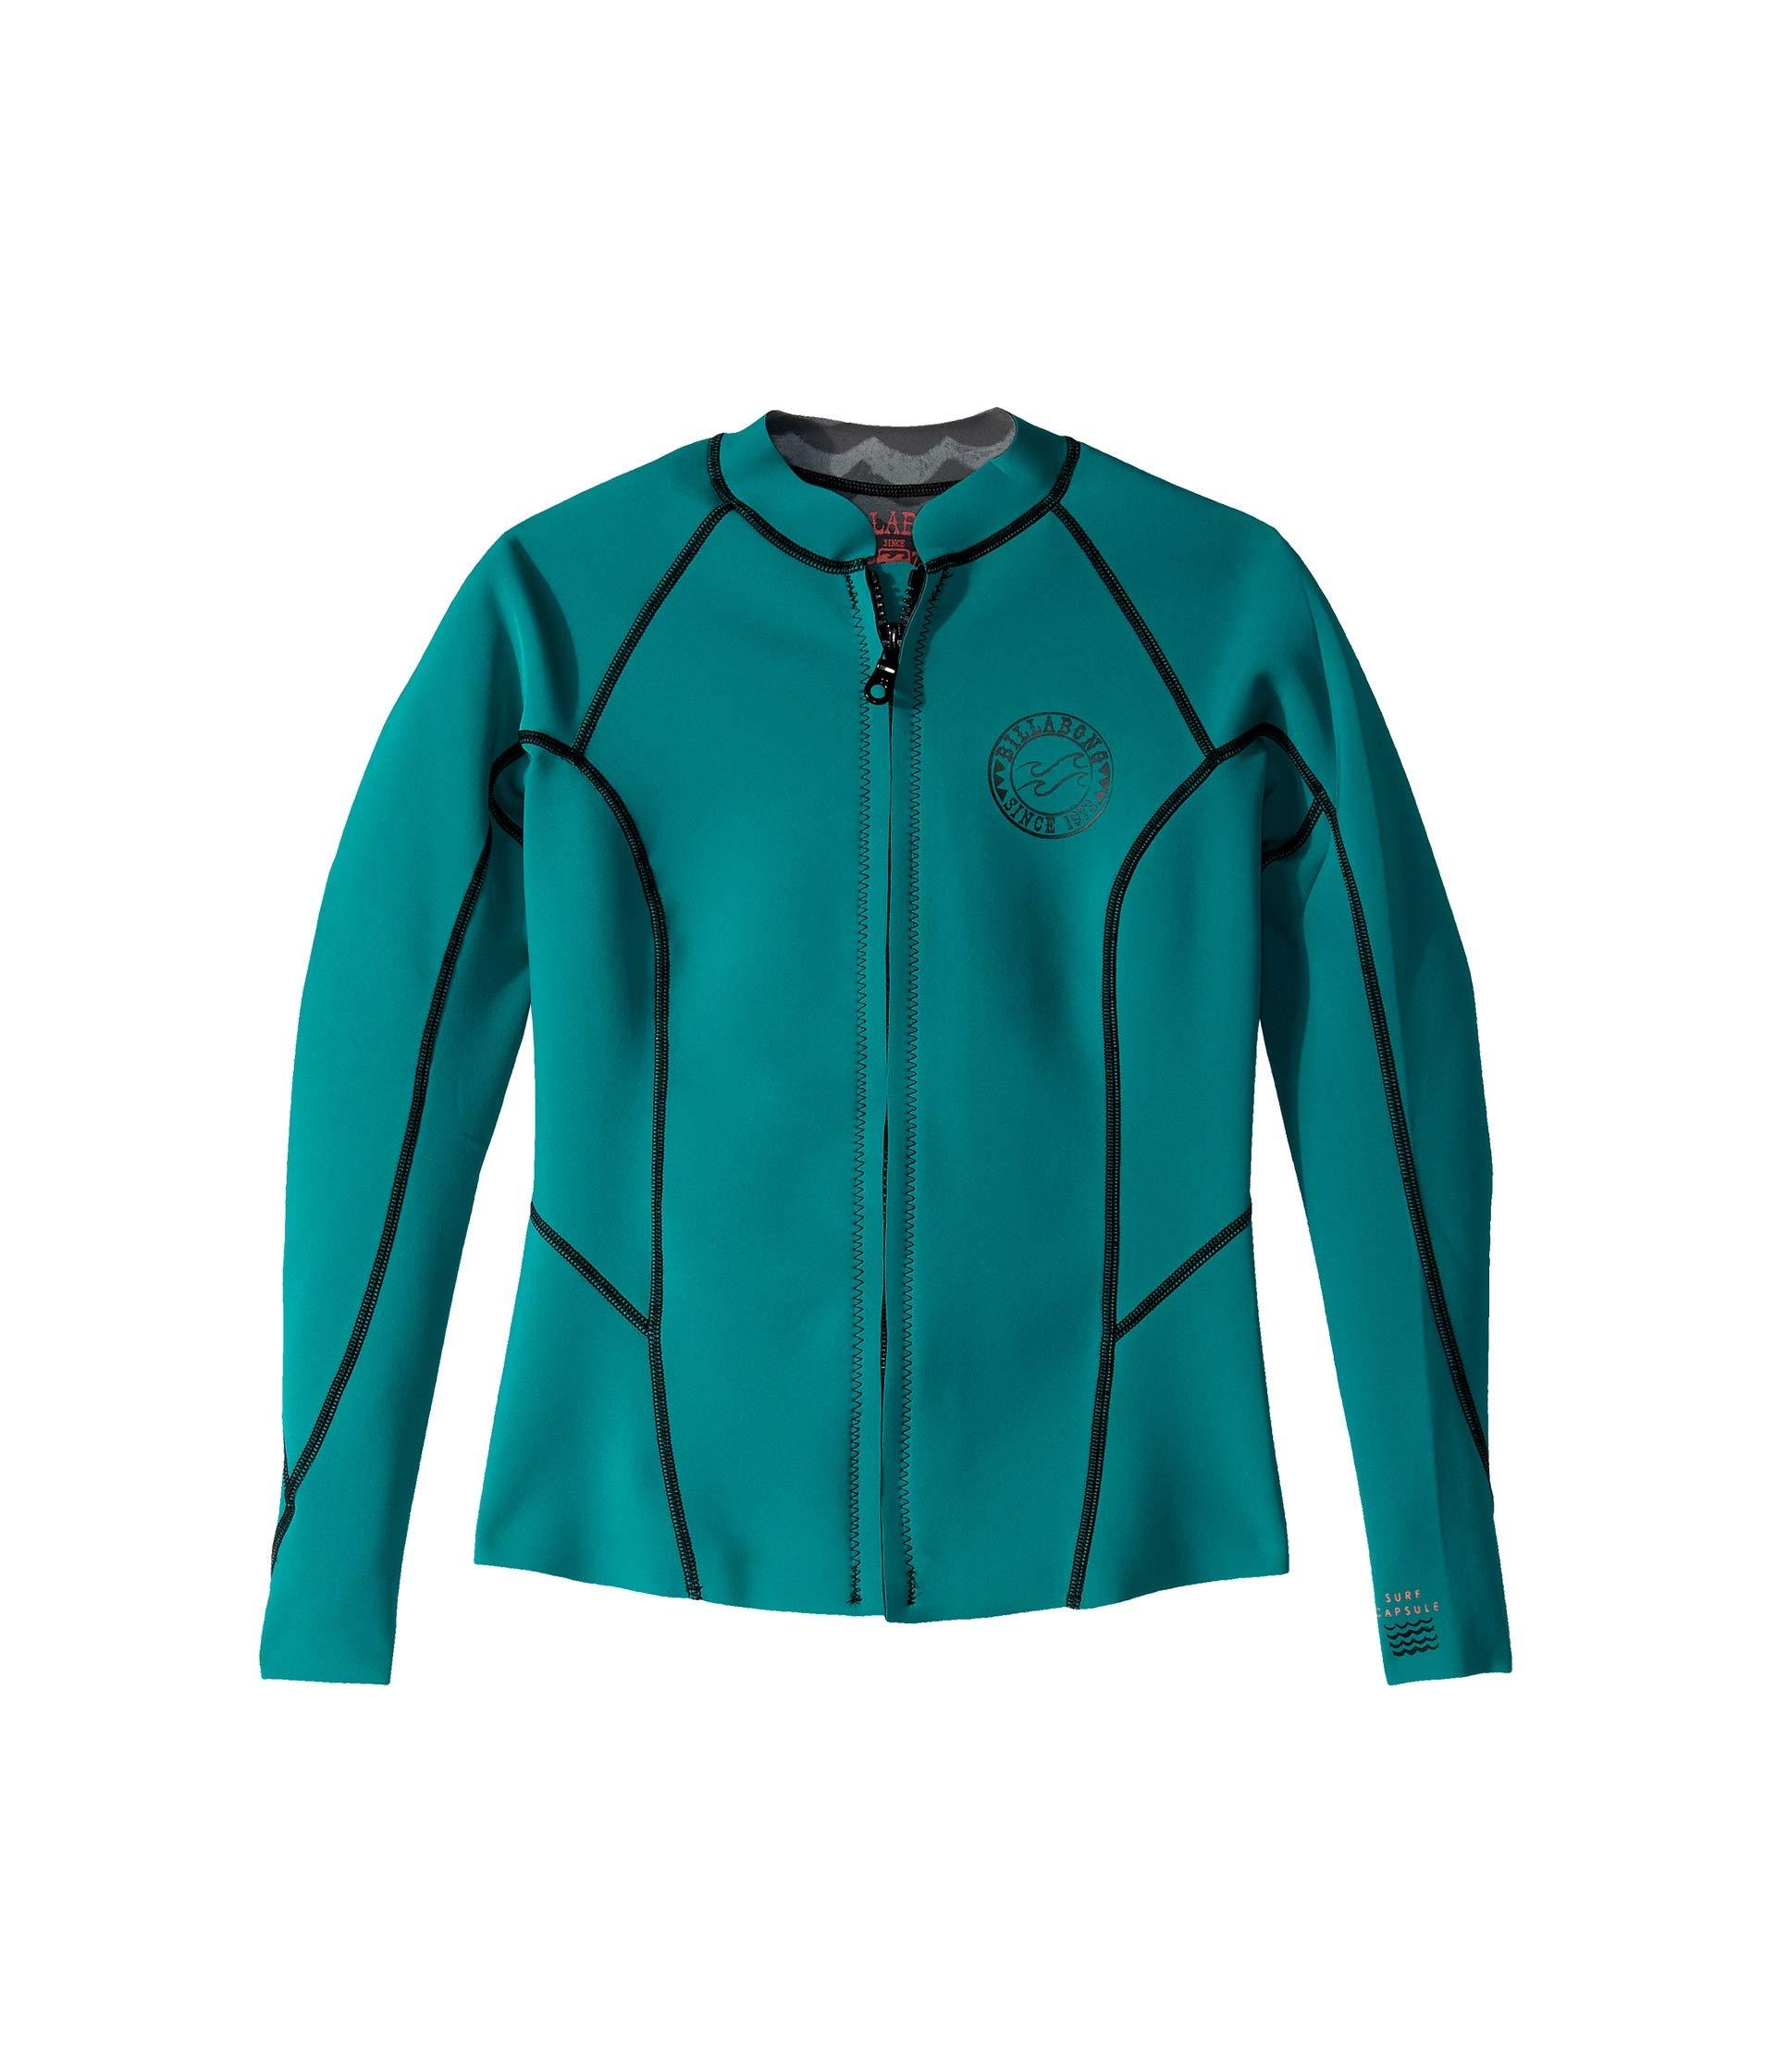 Billabong Women's Peeky Wetsuit Jacket, Palm Green, 10 by Billabong